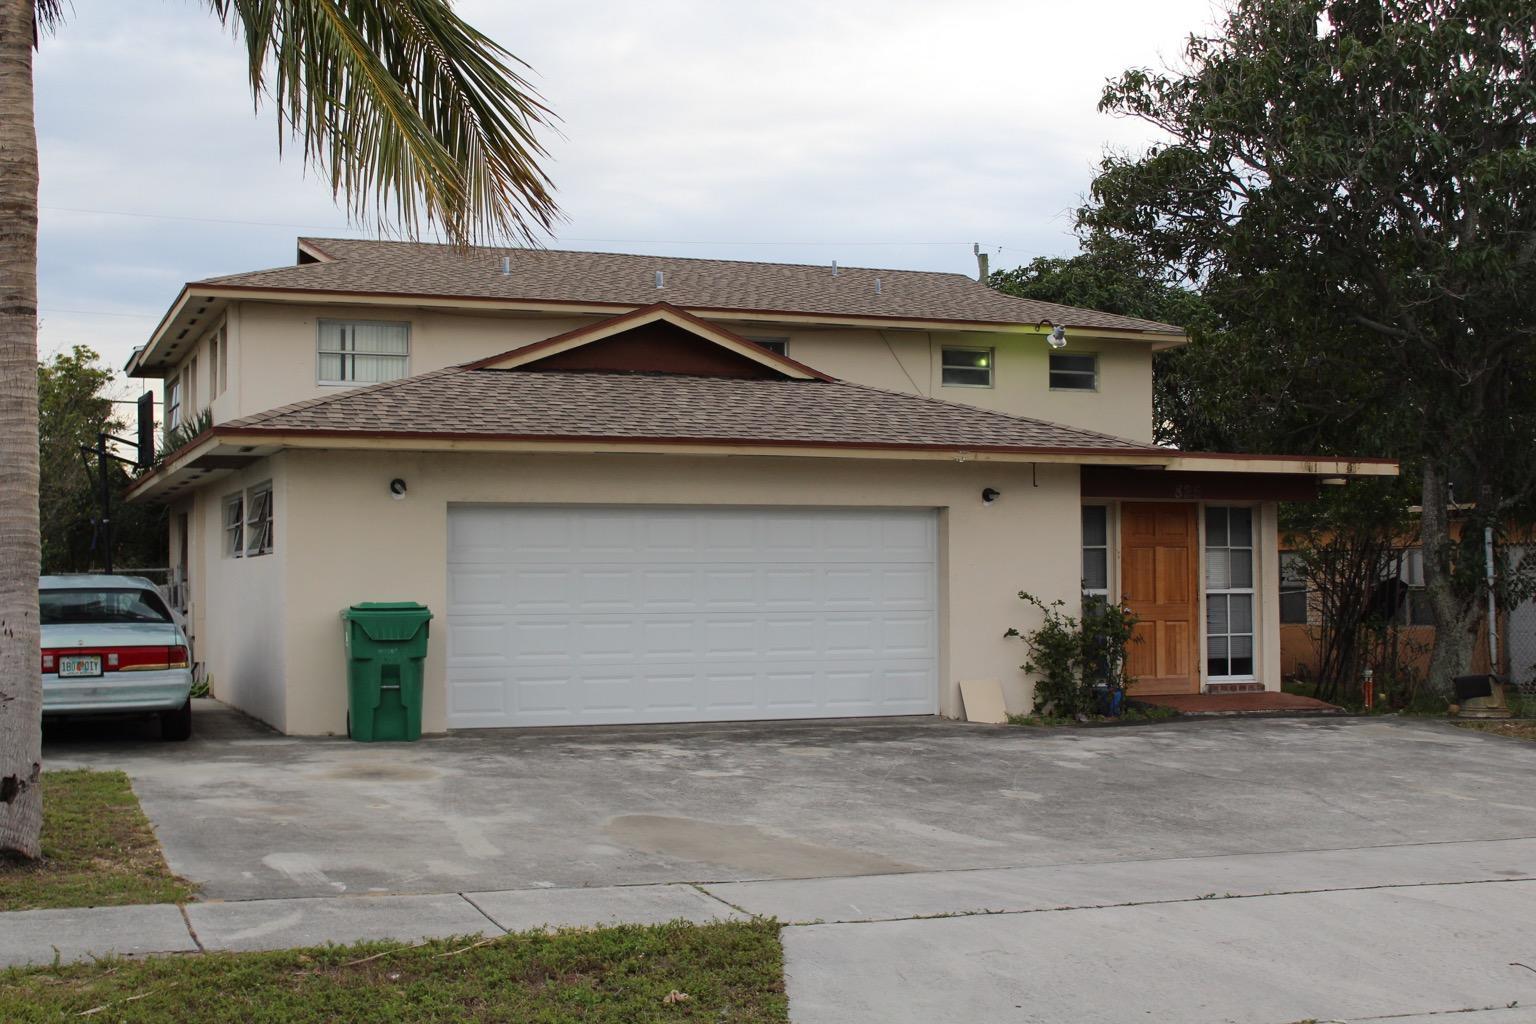 Photo of  Riviera Beach, FL 33404 MLS RX-10394181